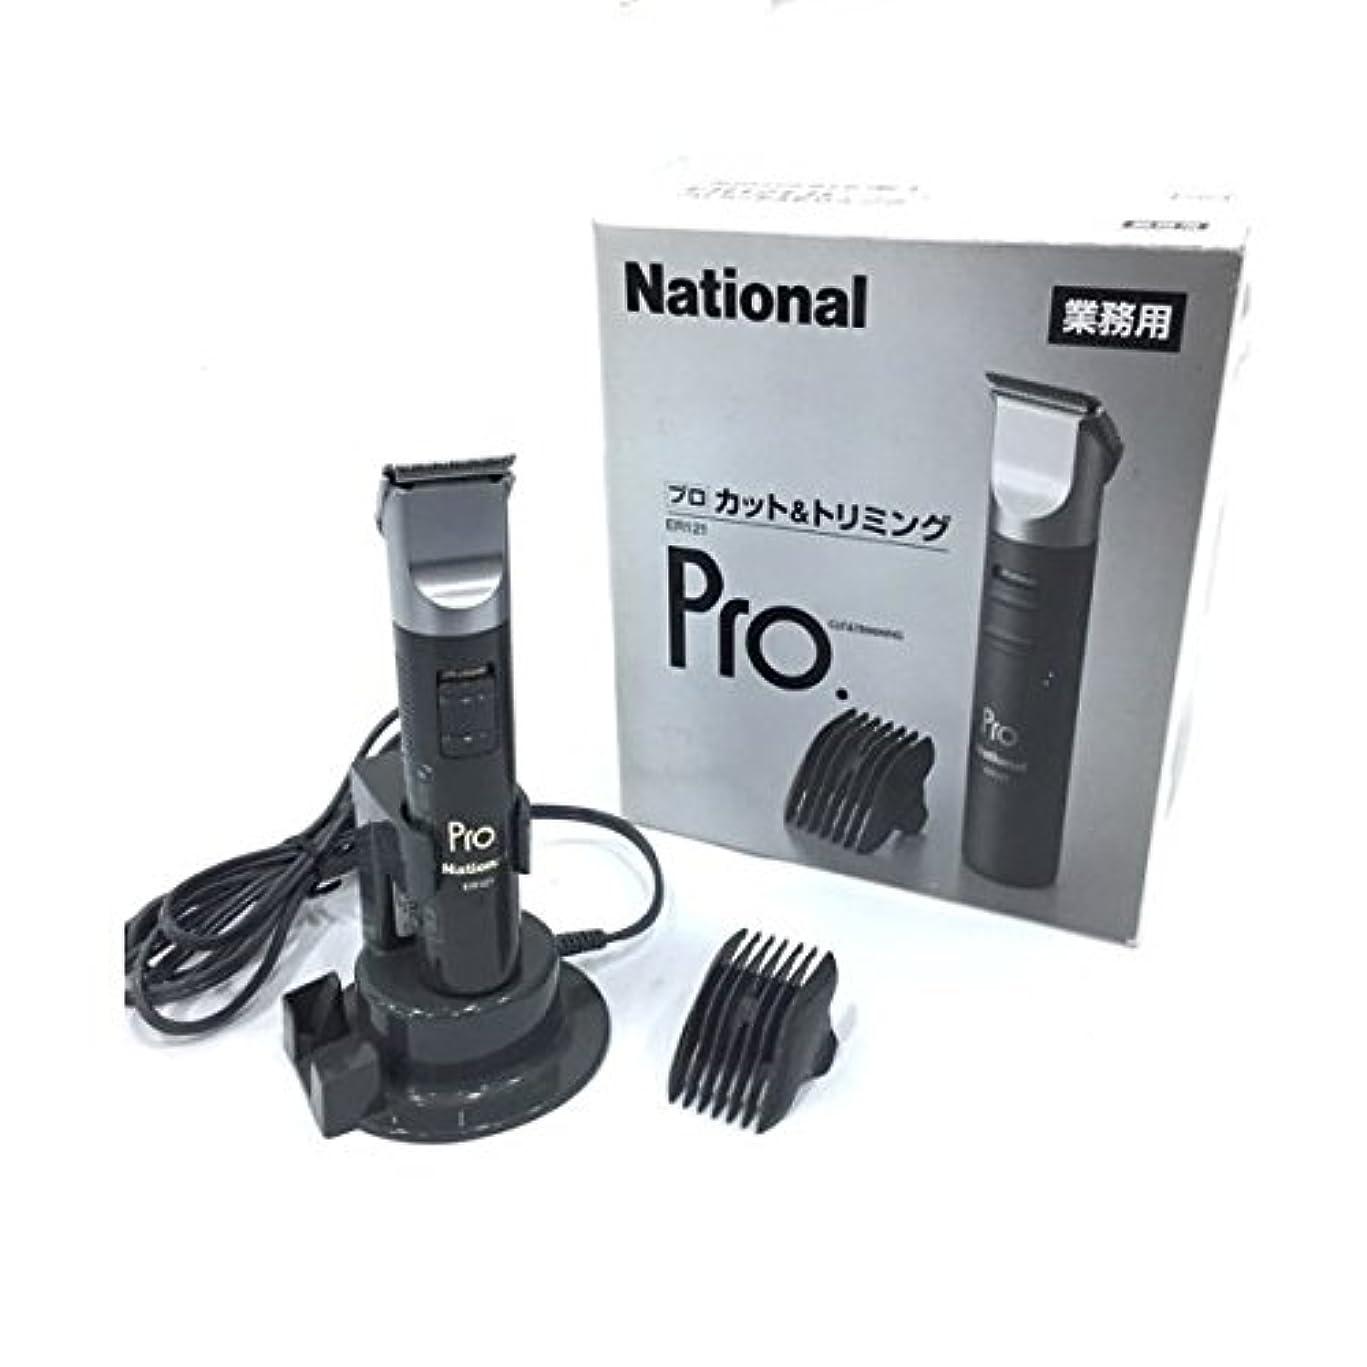 液体パース憲法National ER-121 Black 日本製ヘアトリマー ER121 110~ 220V [並行輸入品]